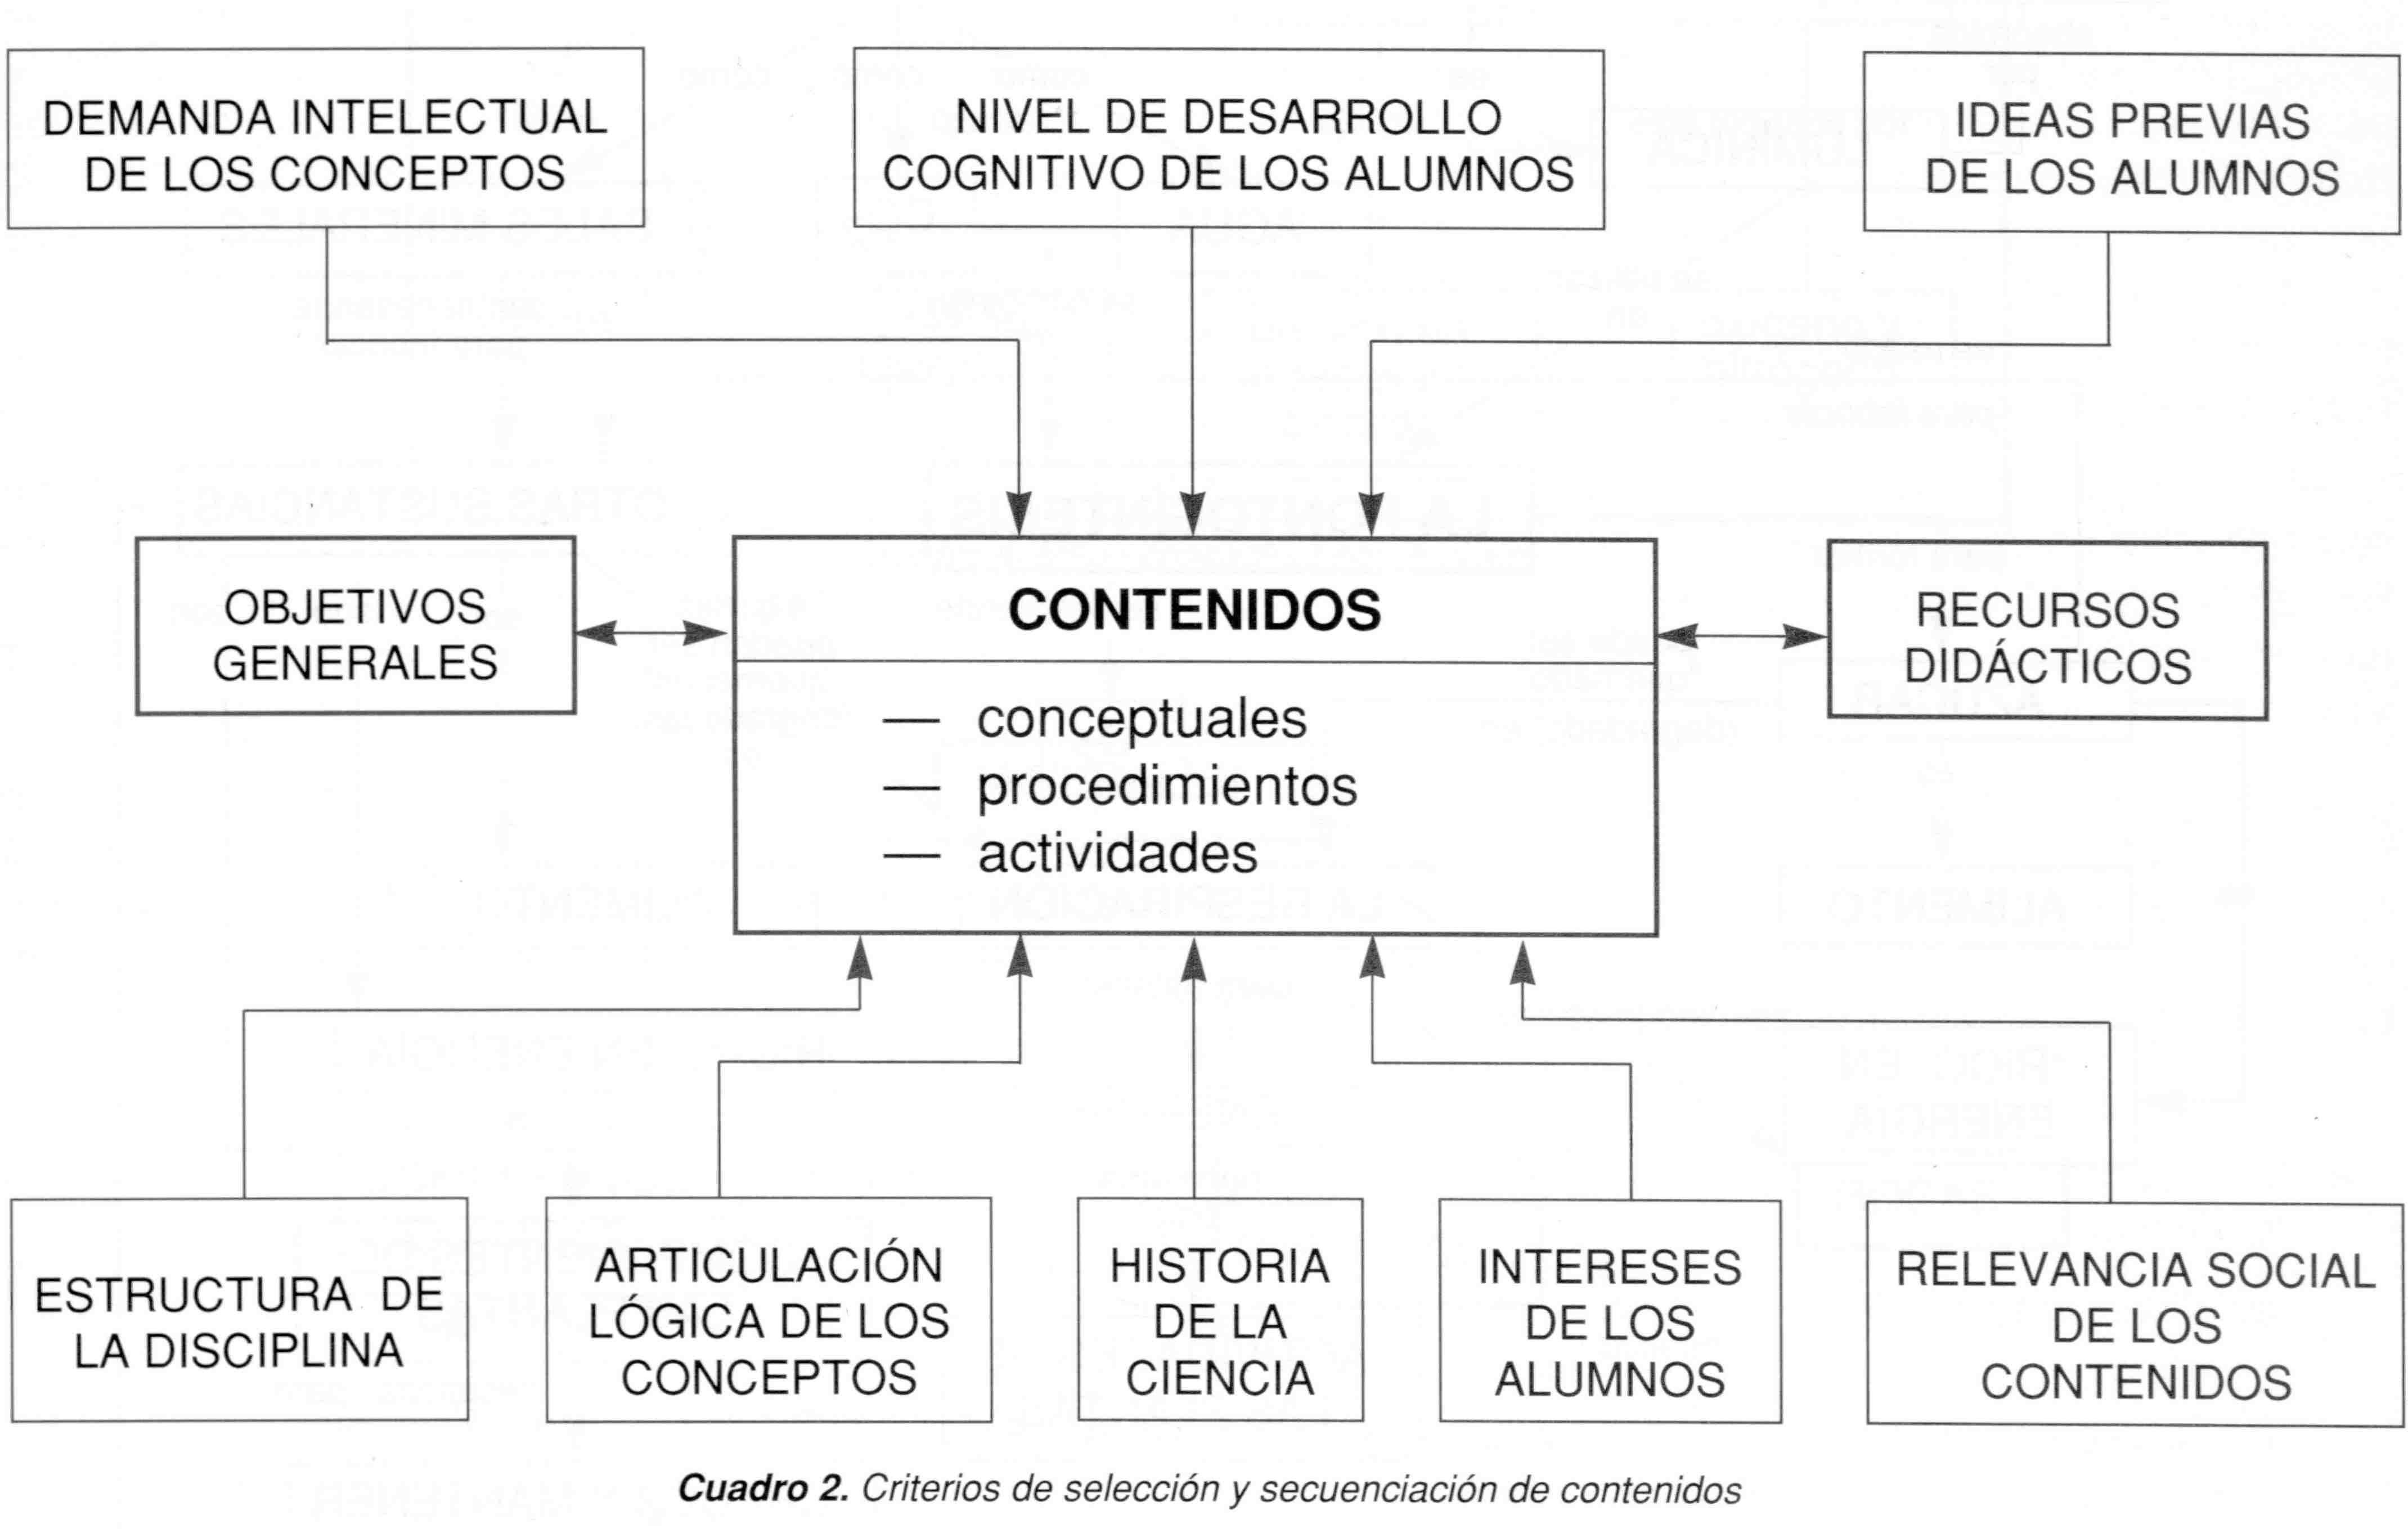 Contenidos Curriculares Ejemplos Buscar Con Google